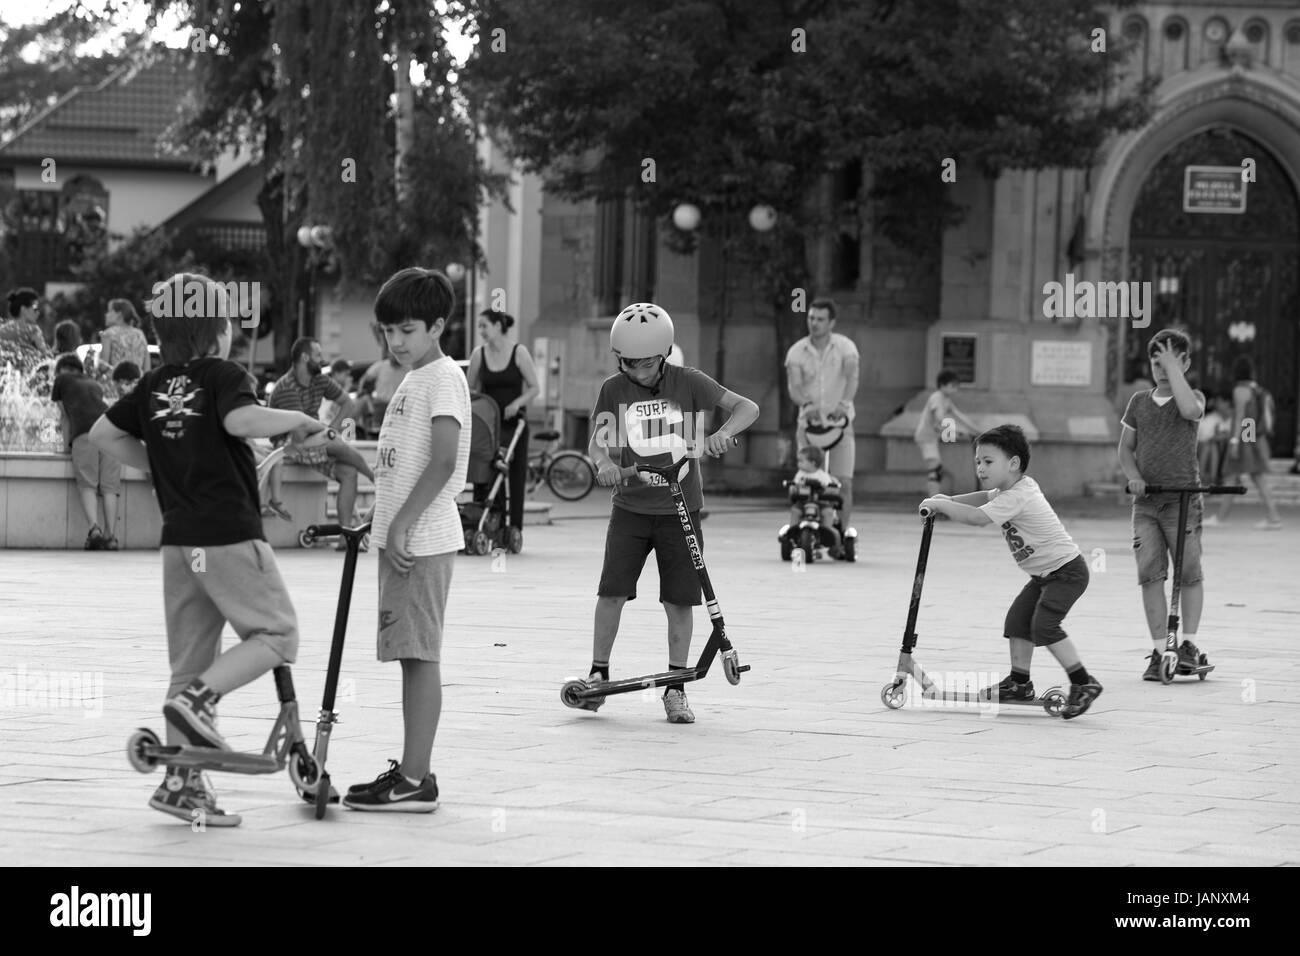 Kinder, Roller, spielen auf dem Hauptplatz, Alltag, Kinder, Straßen, provinziellen Städte in Rumänien. Stockbild